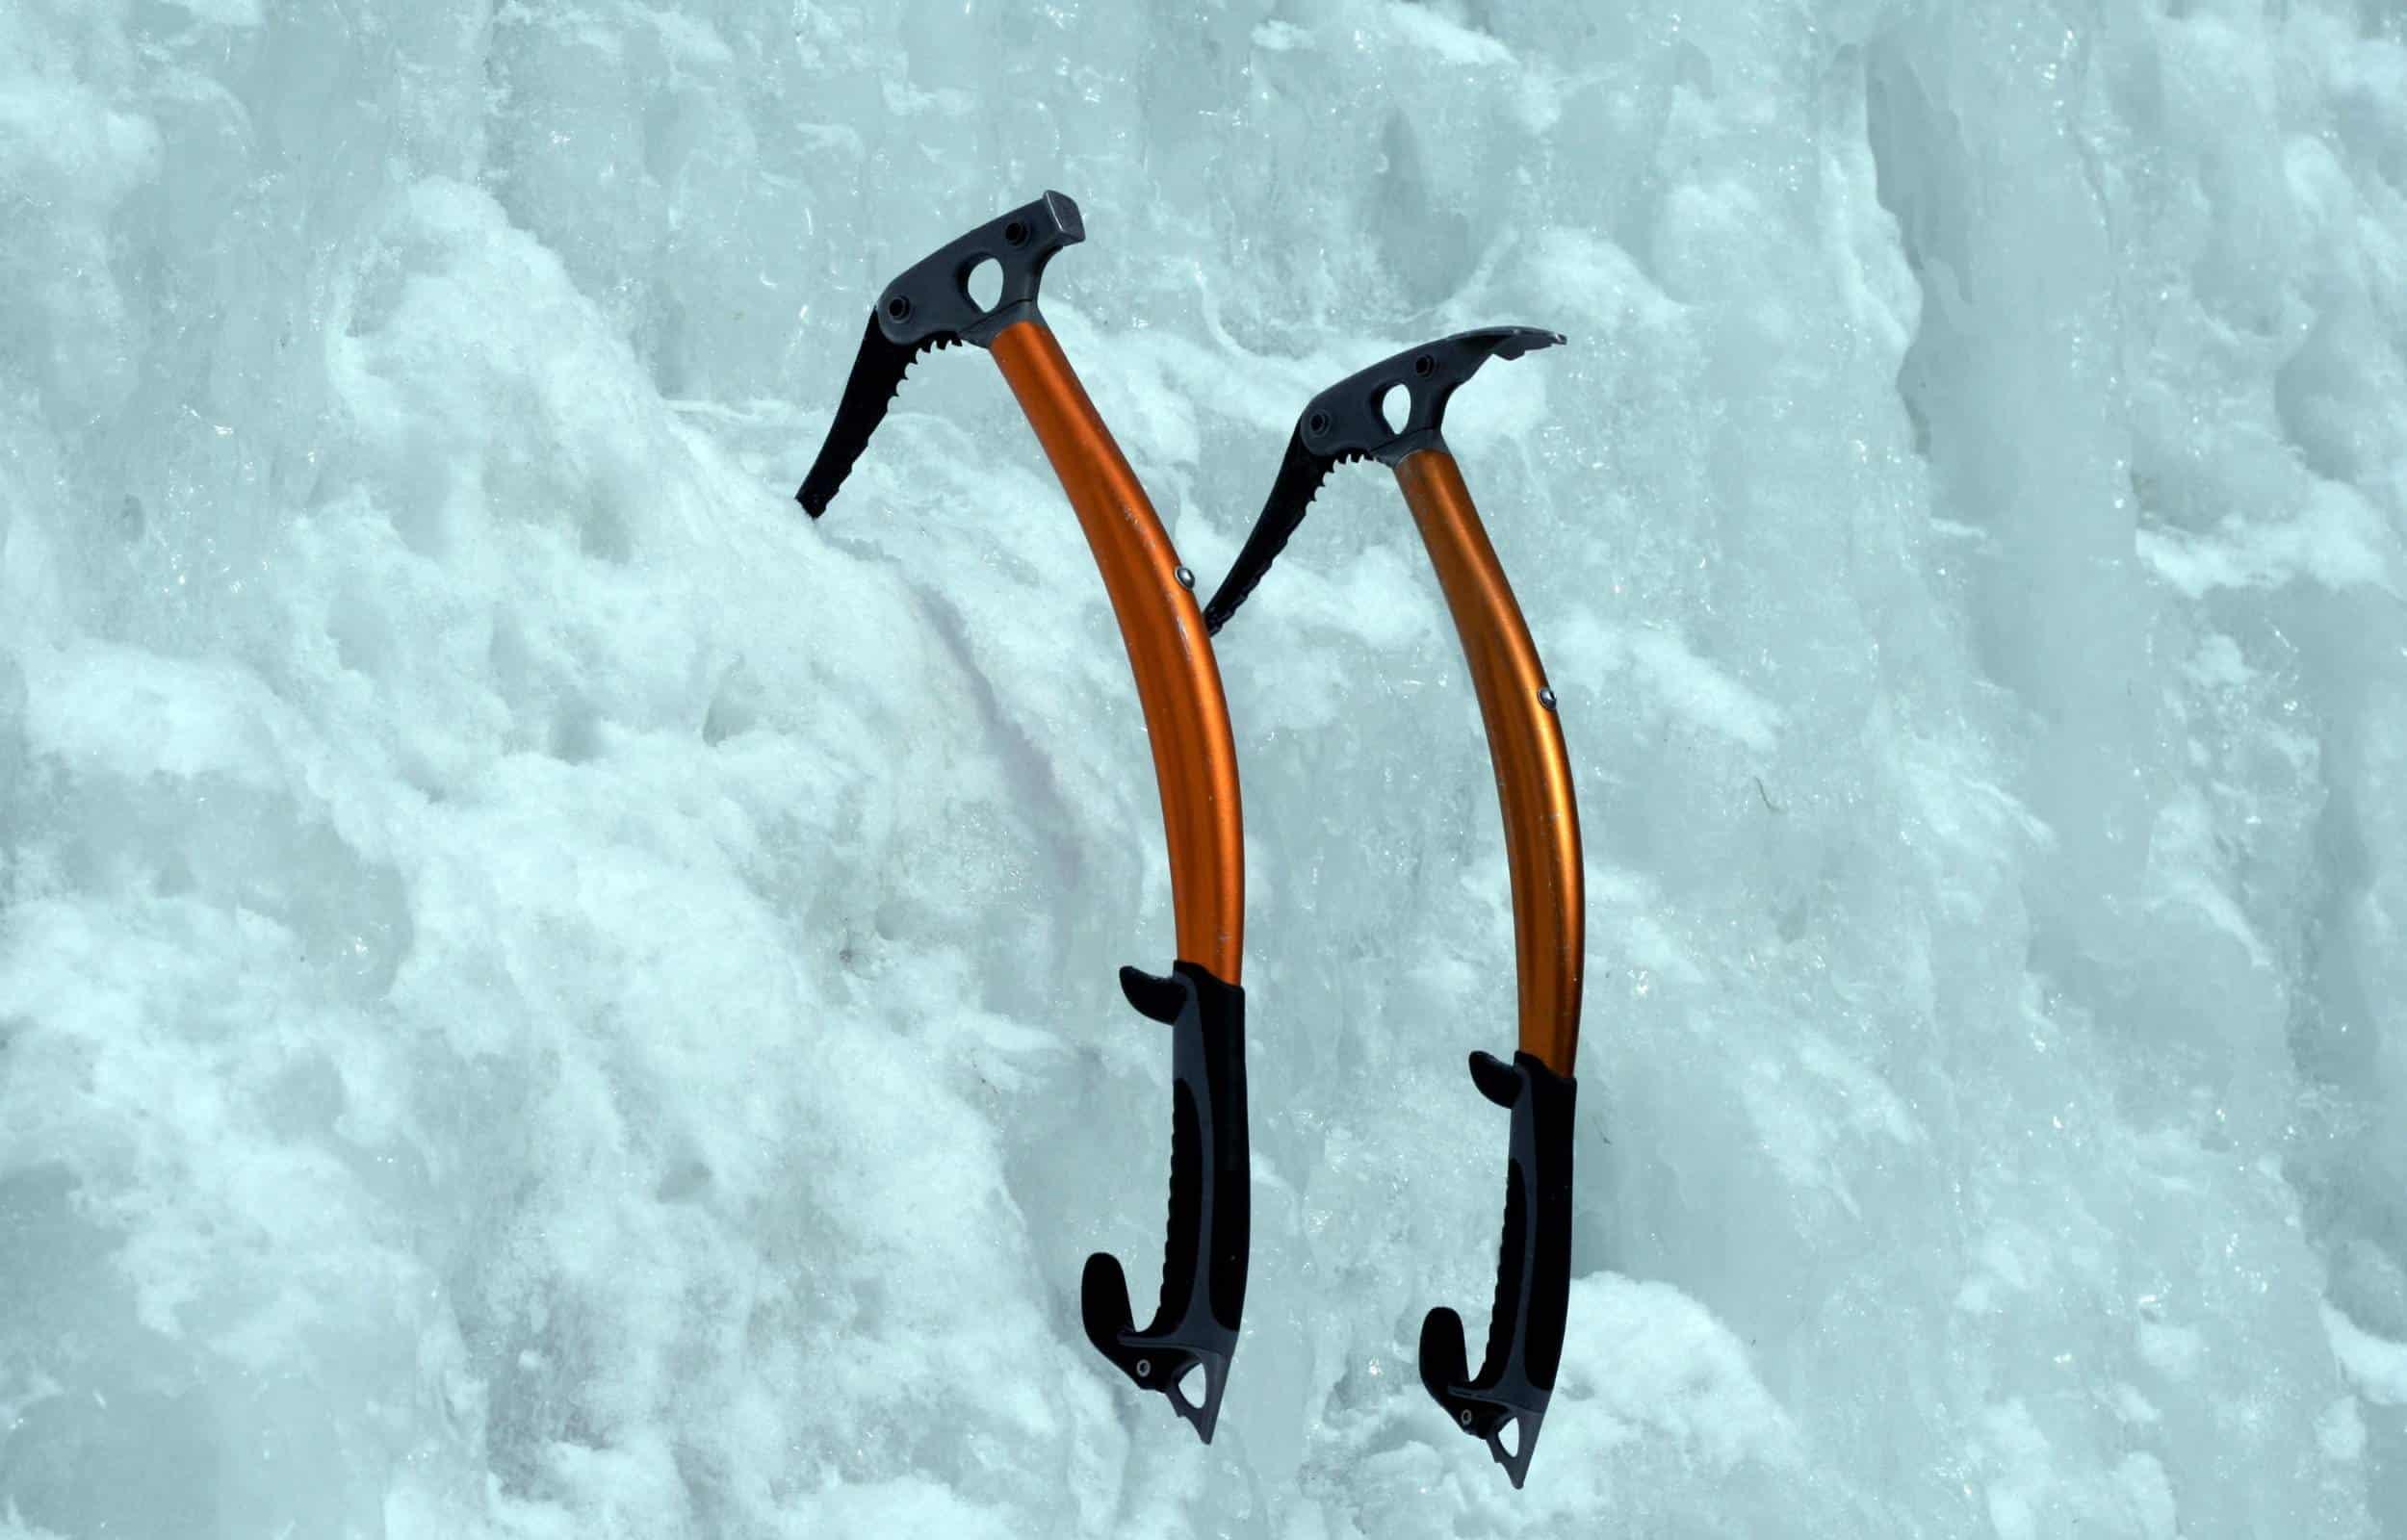 Ice climbing ice ax